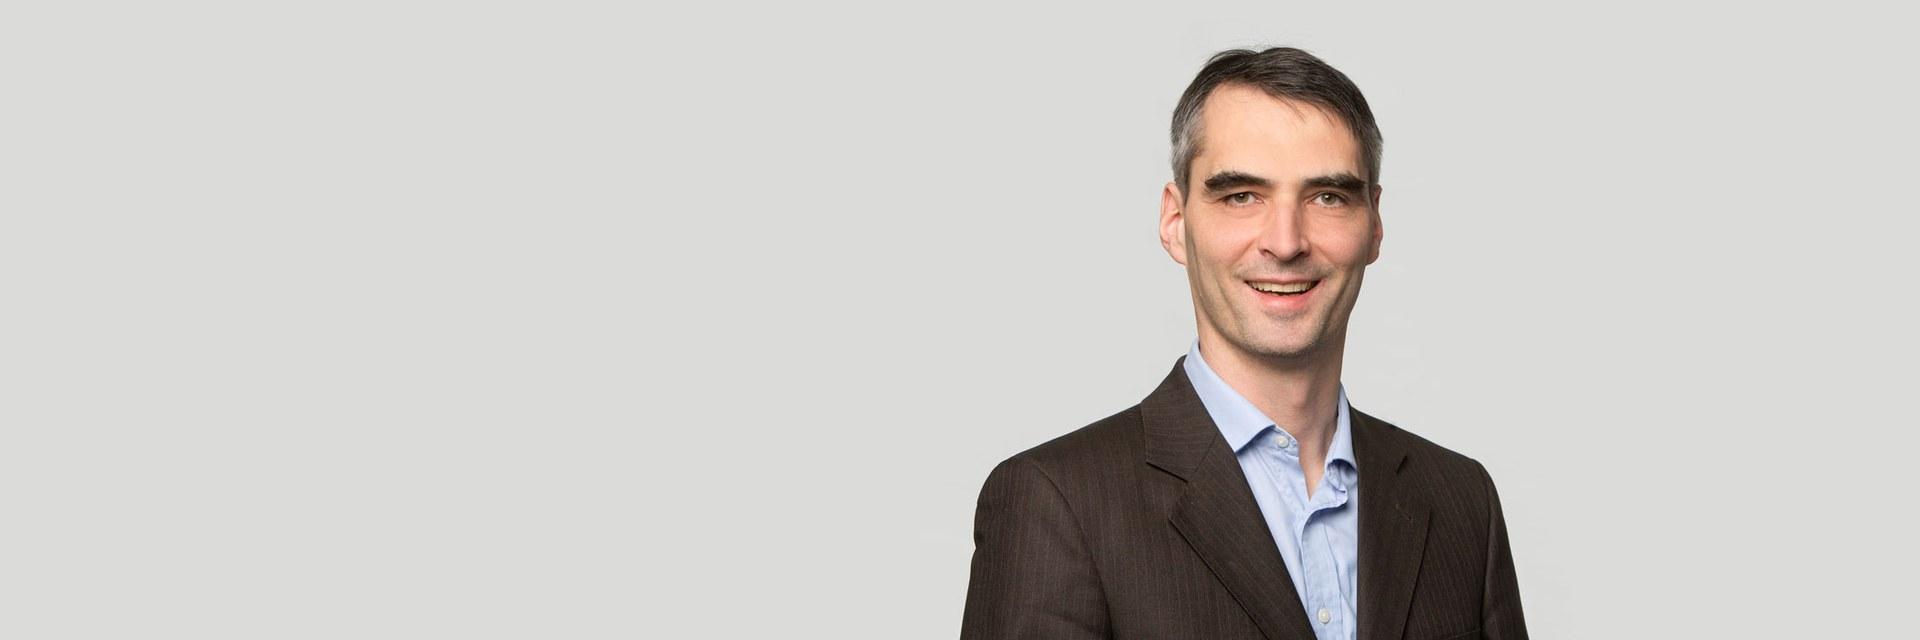 Dr. Clemens Kustner